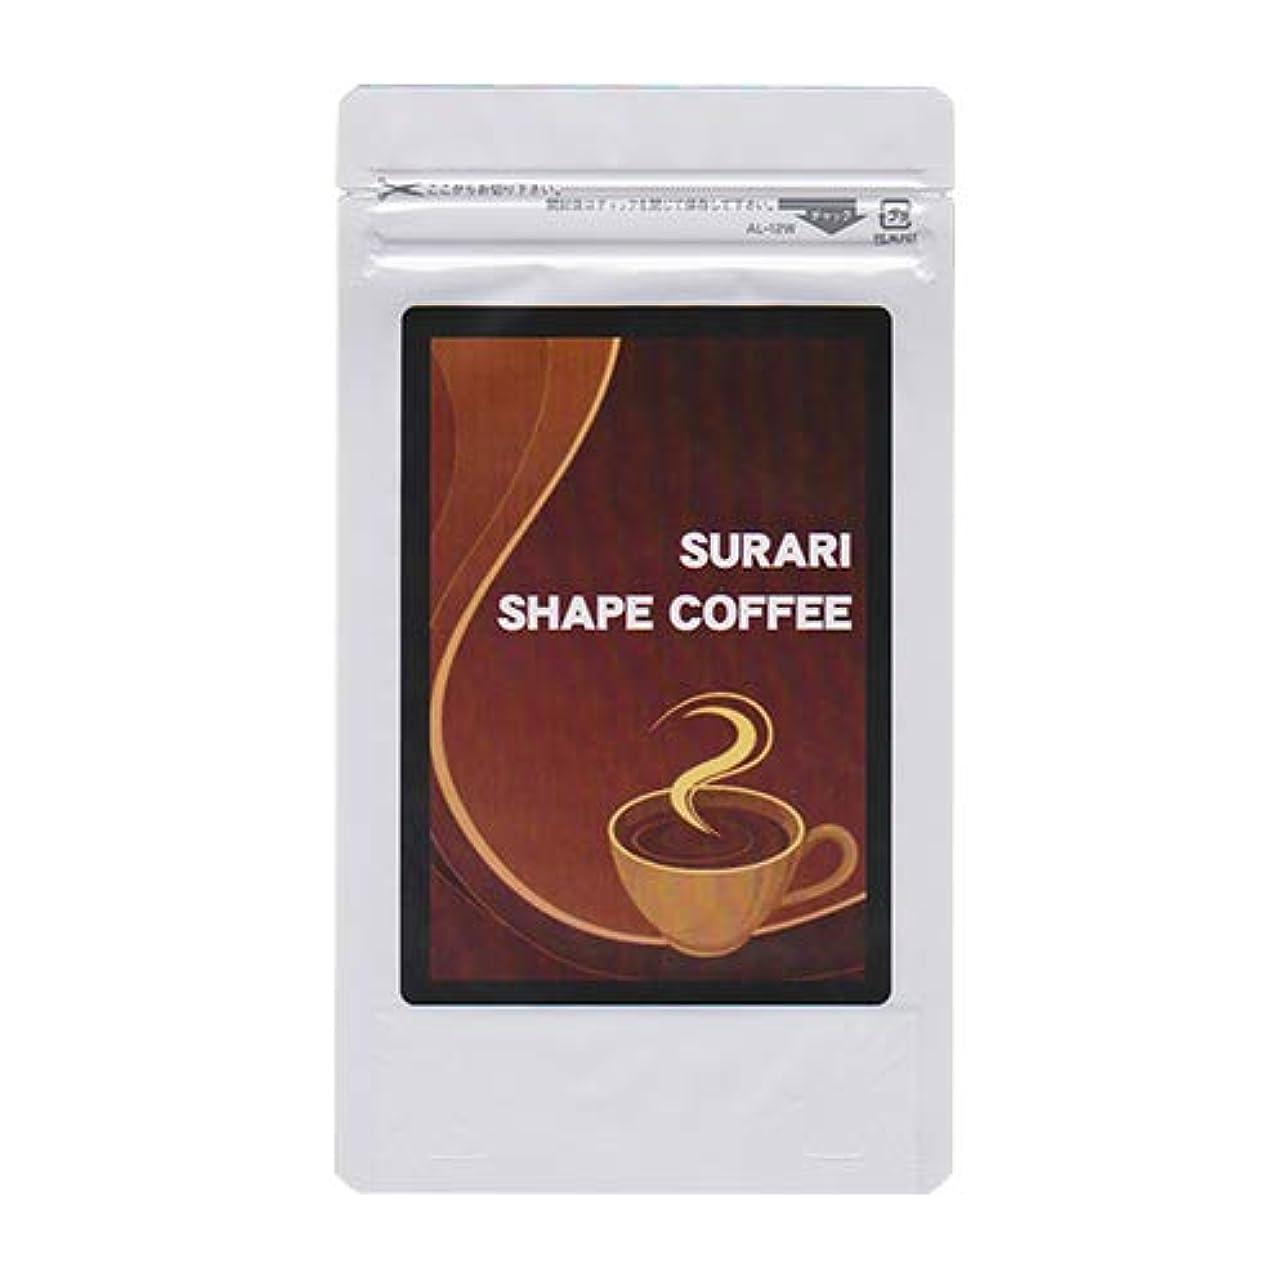 内陸狂乱抑圧SURARI SHAPE COFFEE スラリシェイプコーヒー ダイエットコーヒー